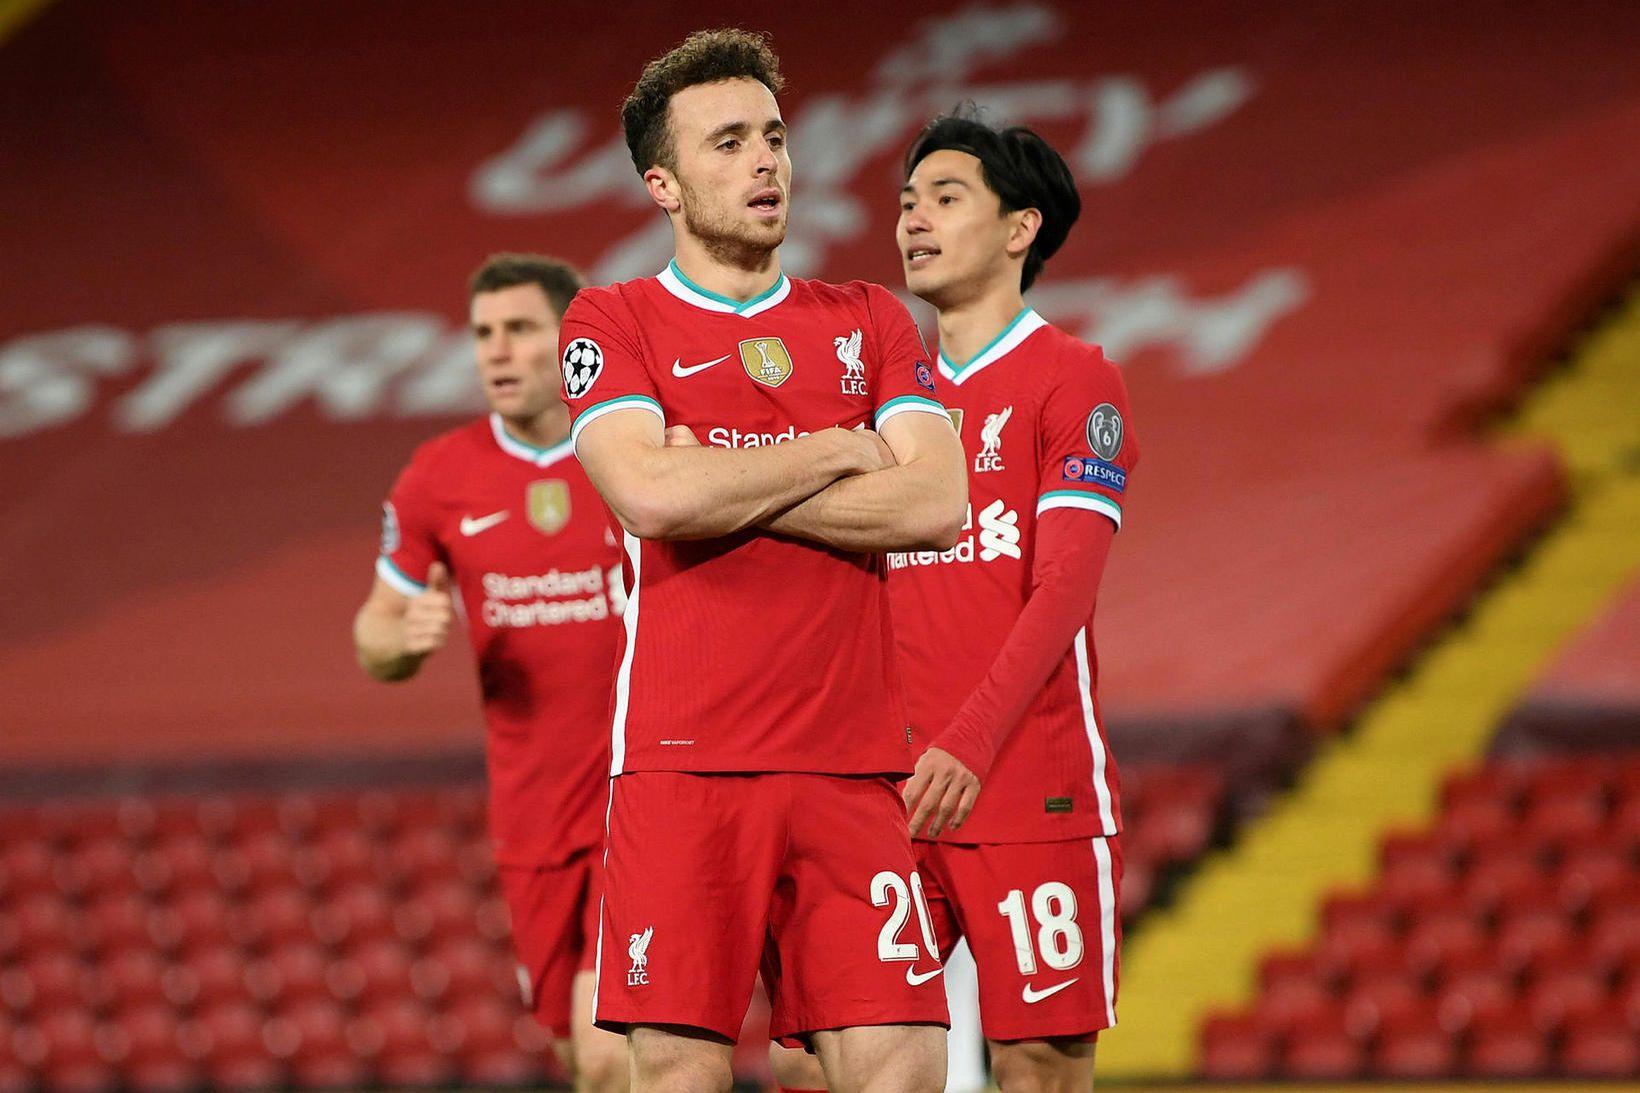 Diogo Jota hefur farið vel af stað með Liverpool.